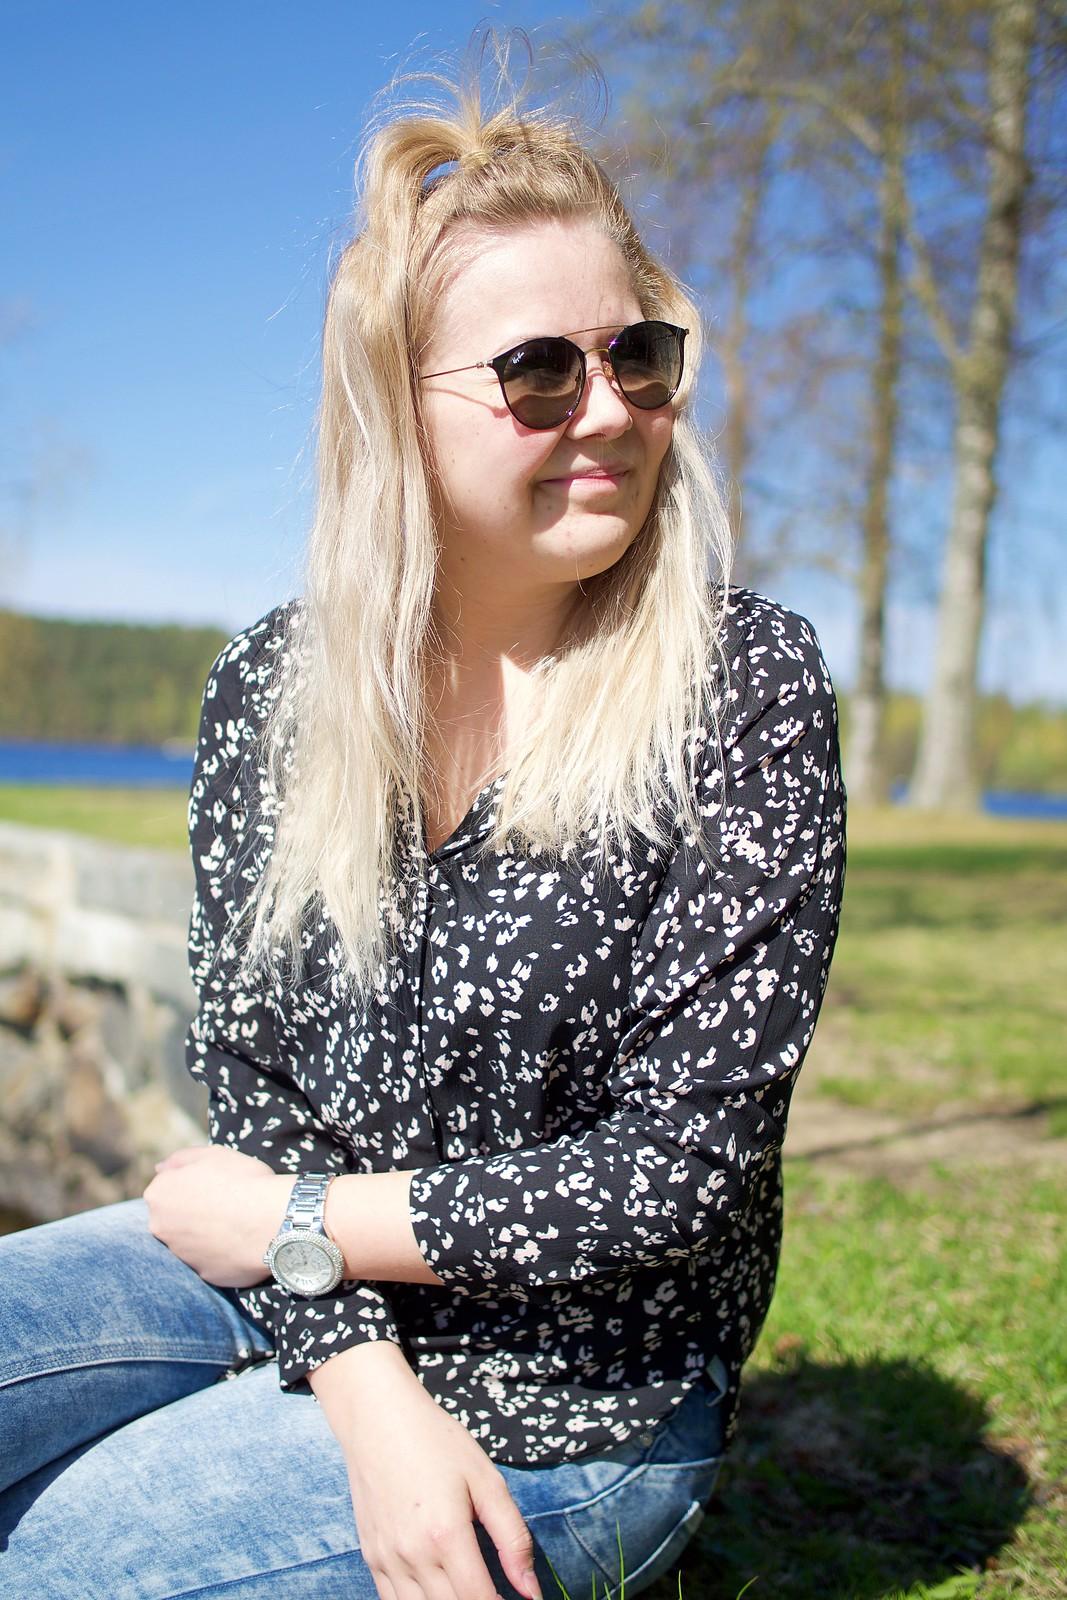 asu_hatanpää_8